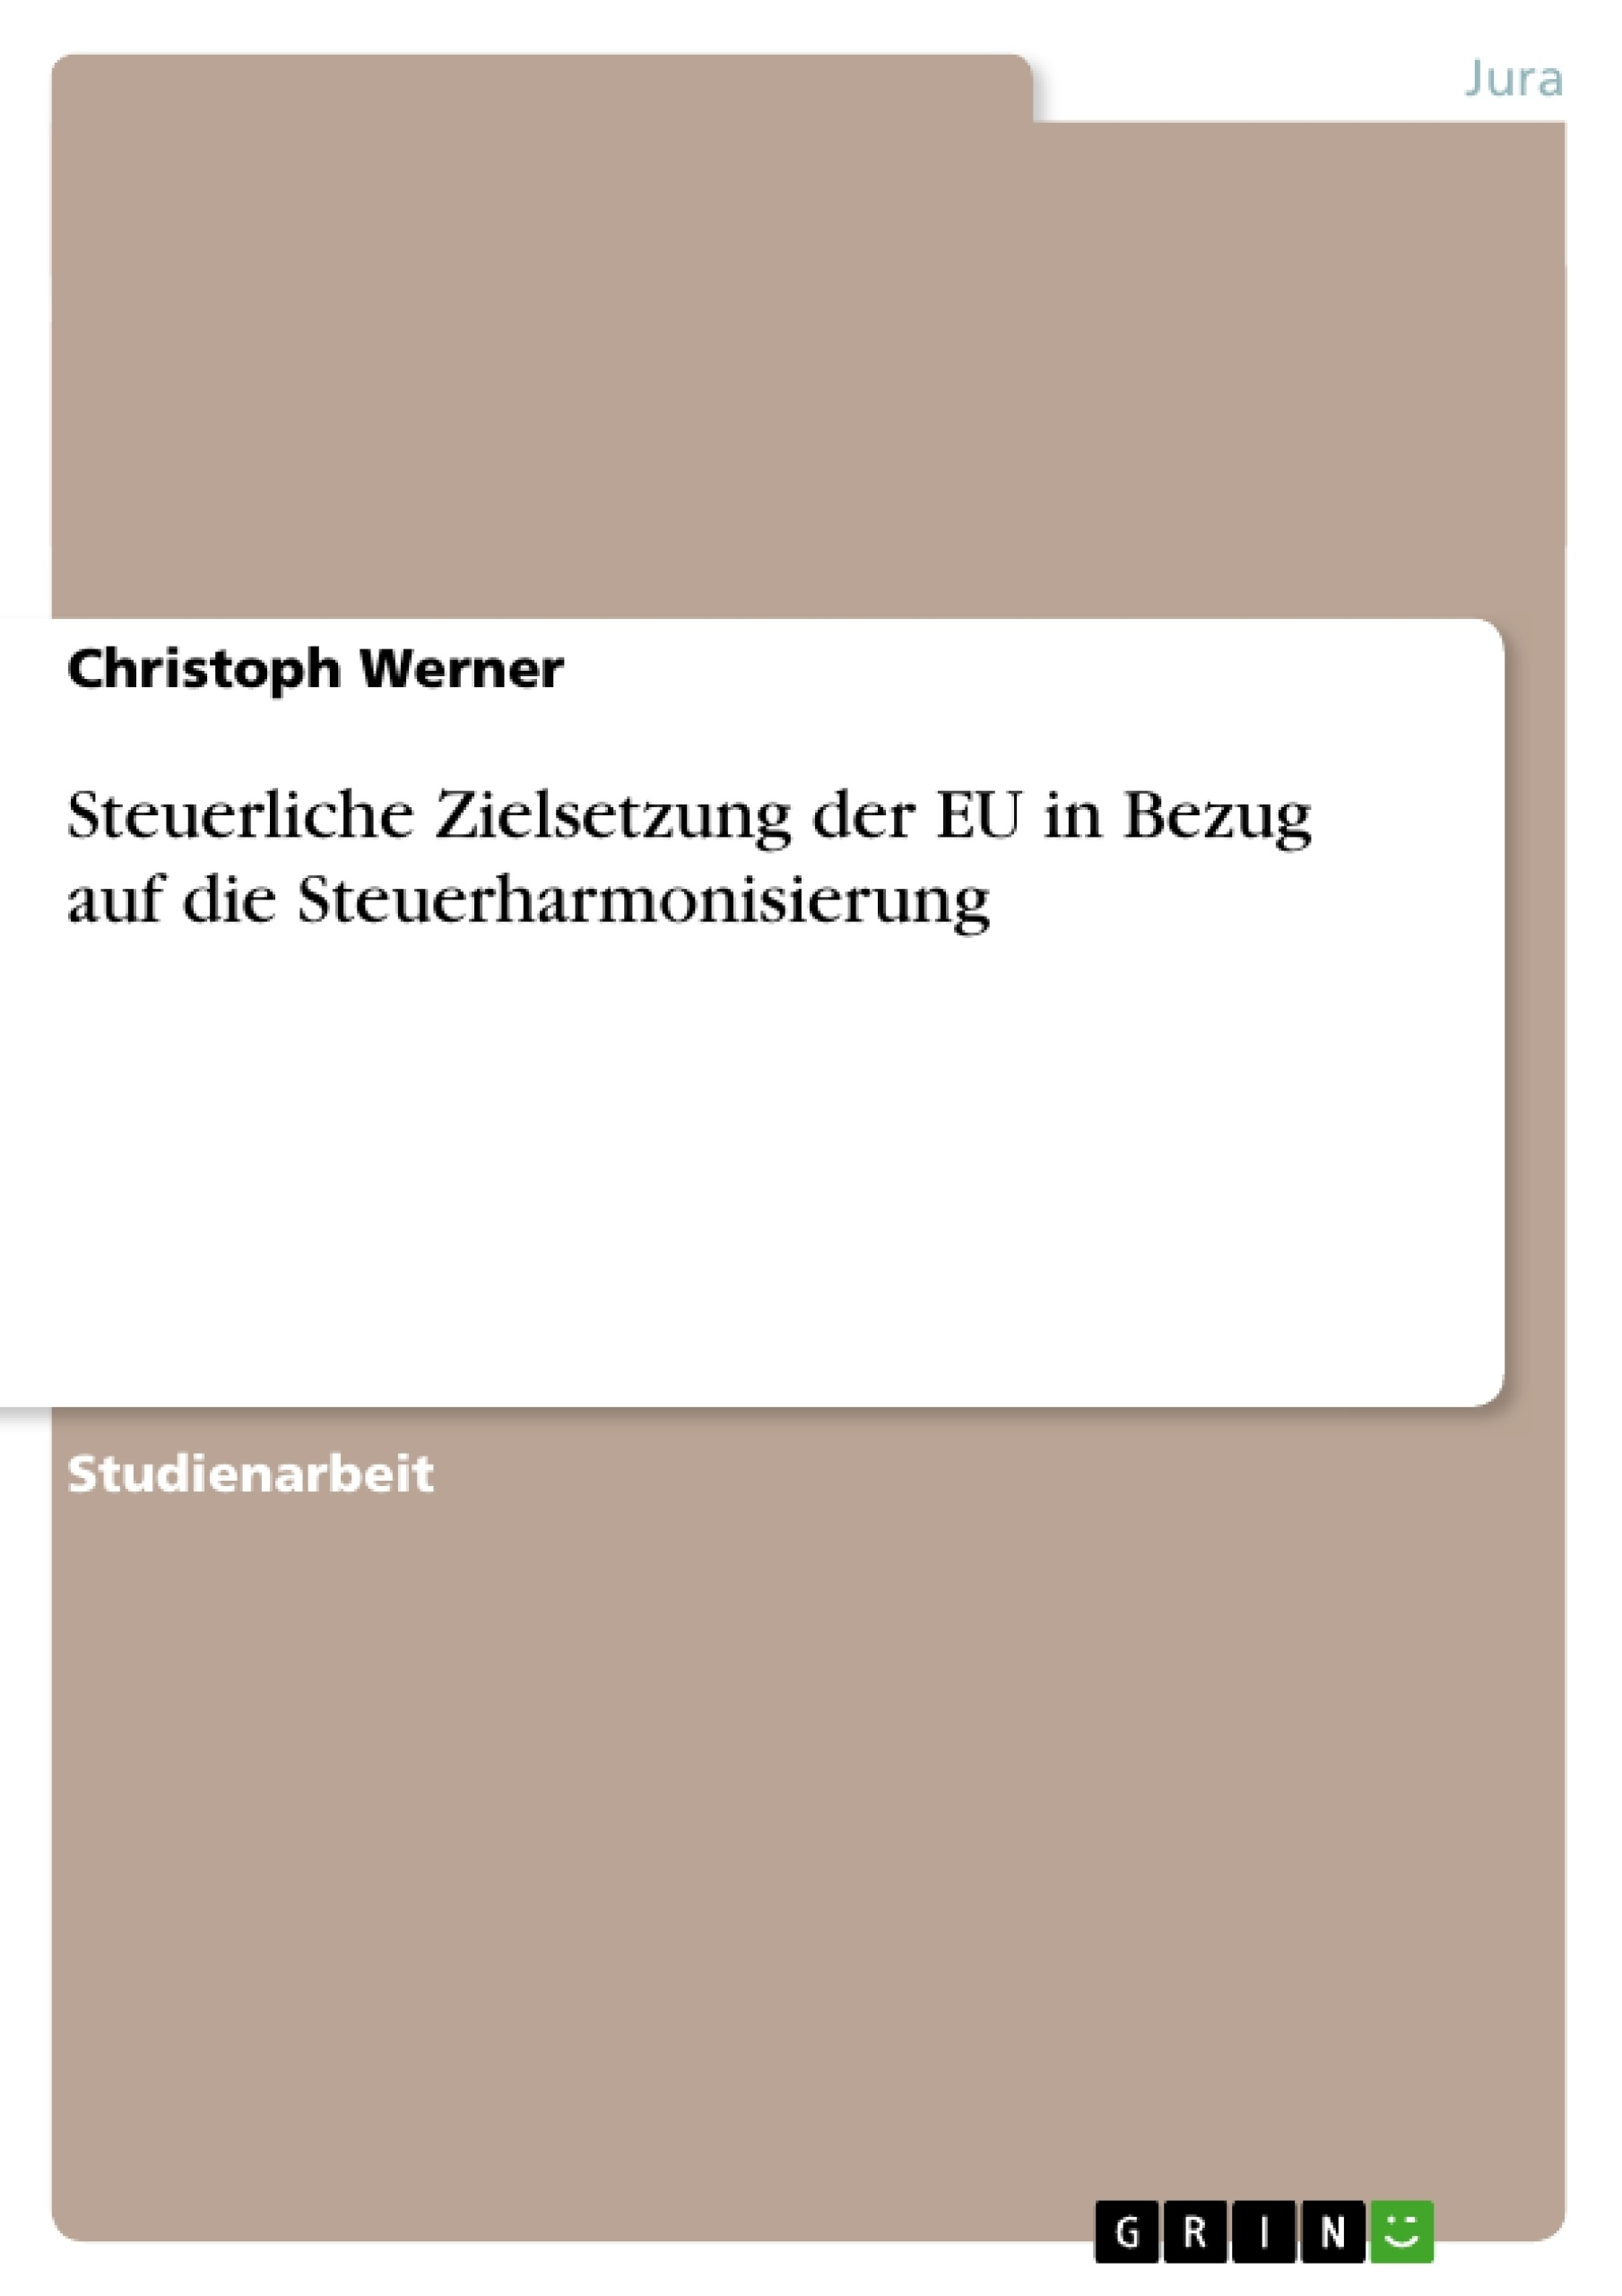 Titel: Steuerliche Zielsetzung der EU in Bezug auf die Steuerharmonisierung